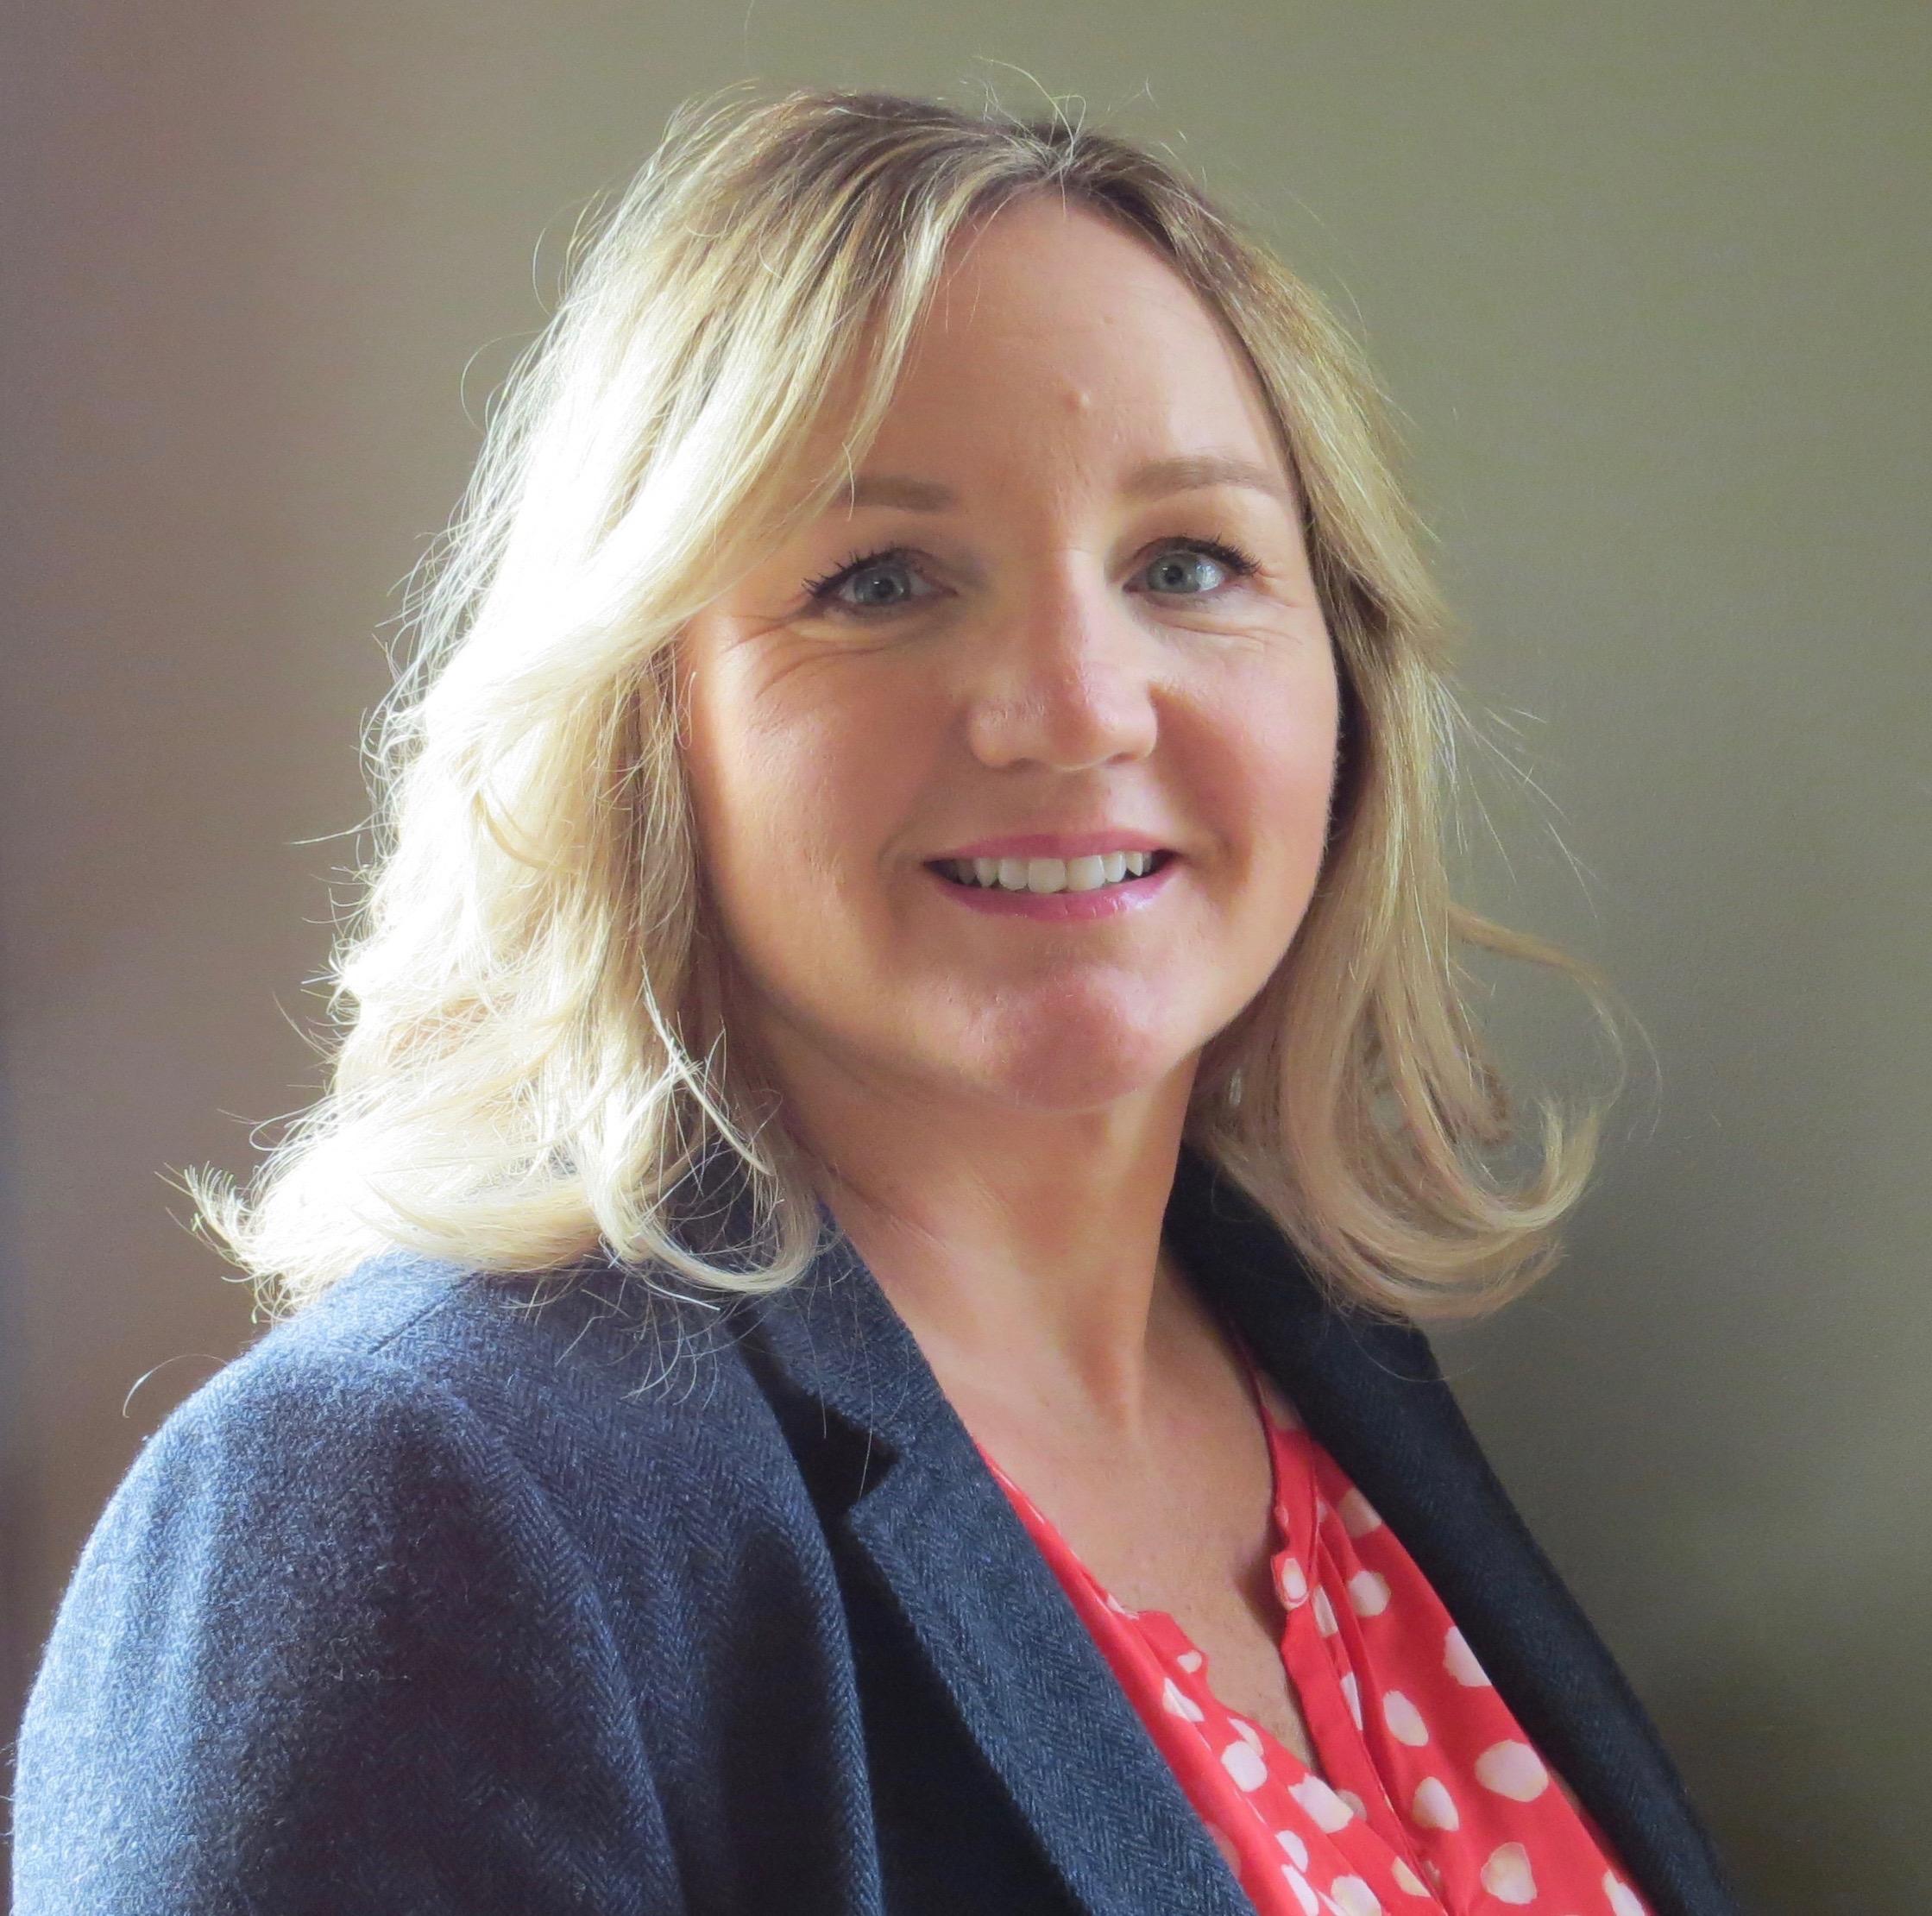 JoAnn Fuller